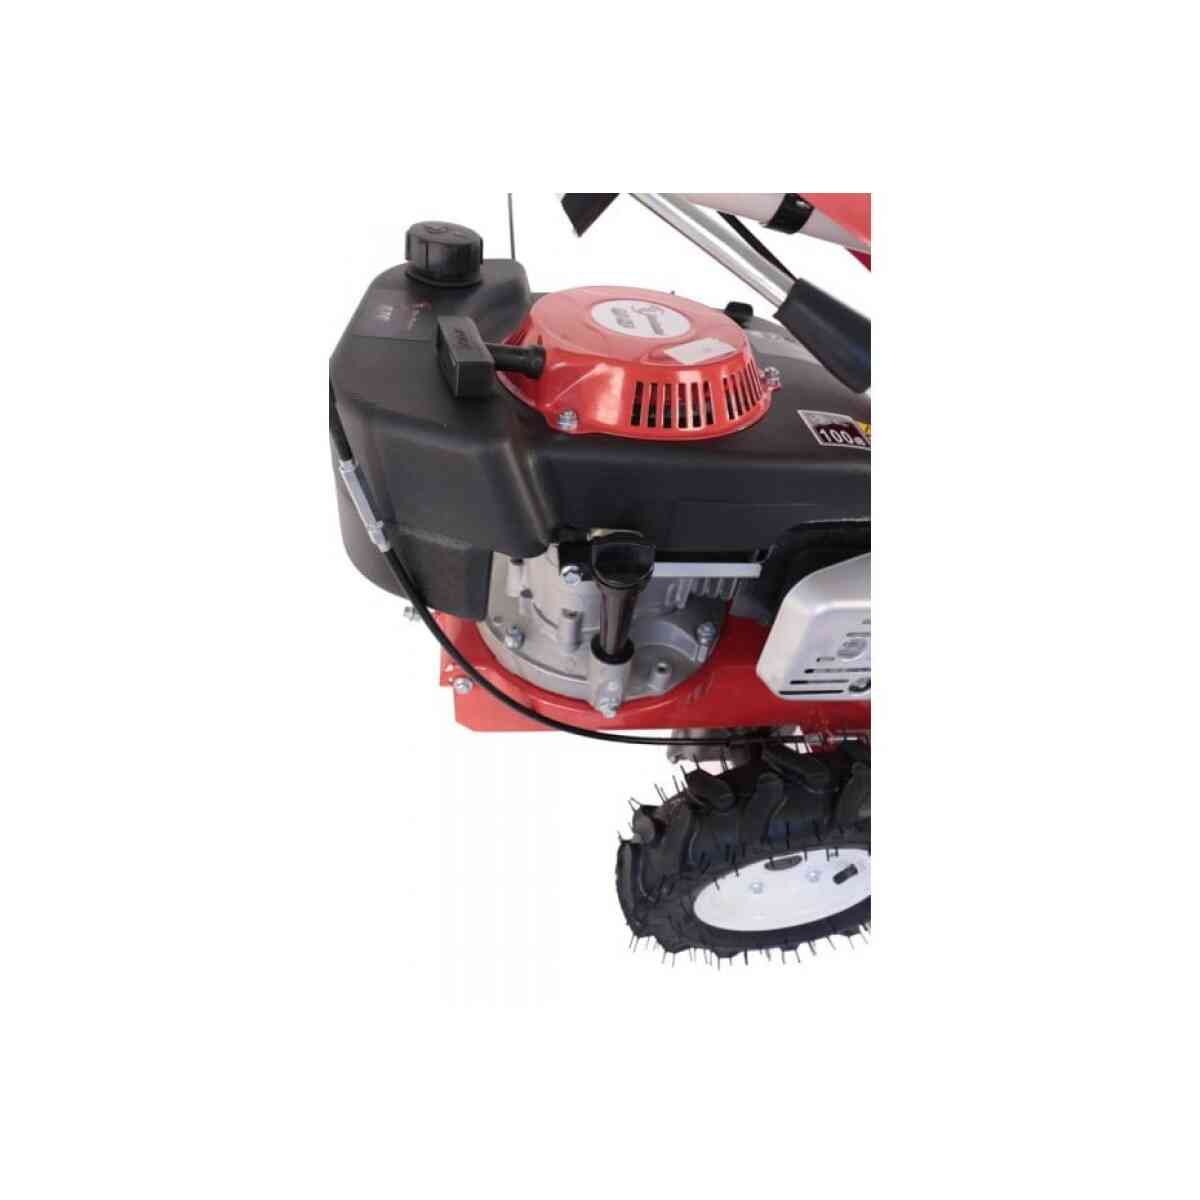 motocositoare pro series 870 65cp padure gardina.ro 81